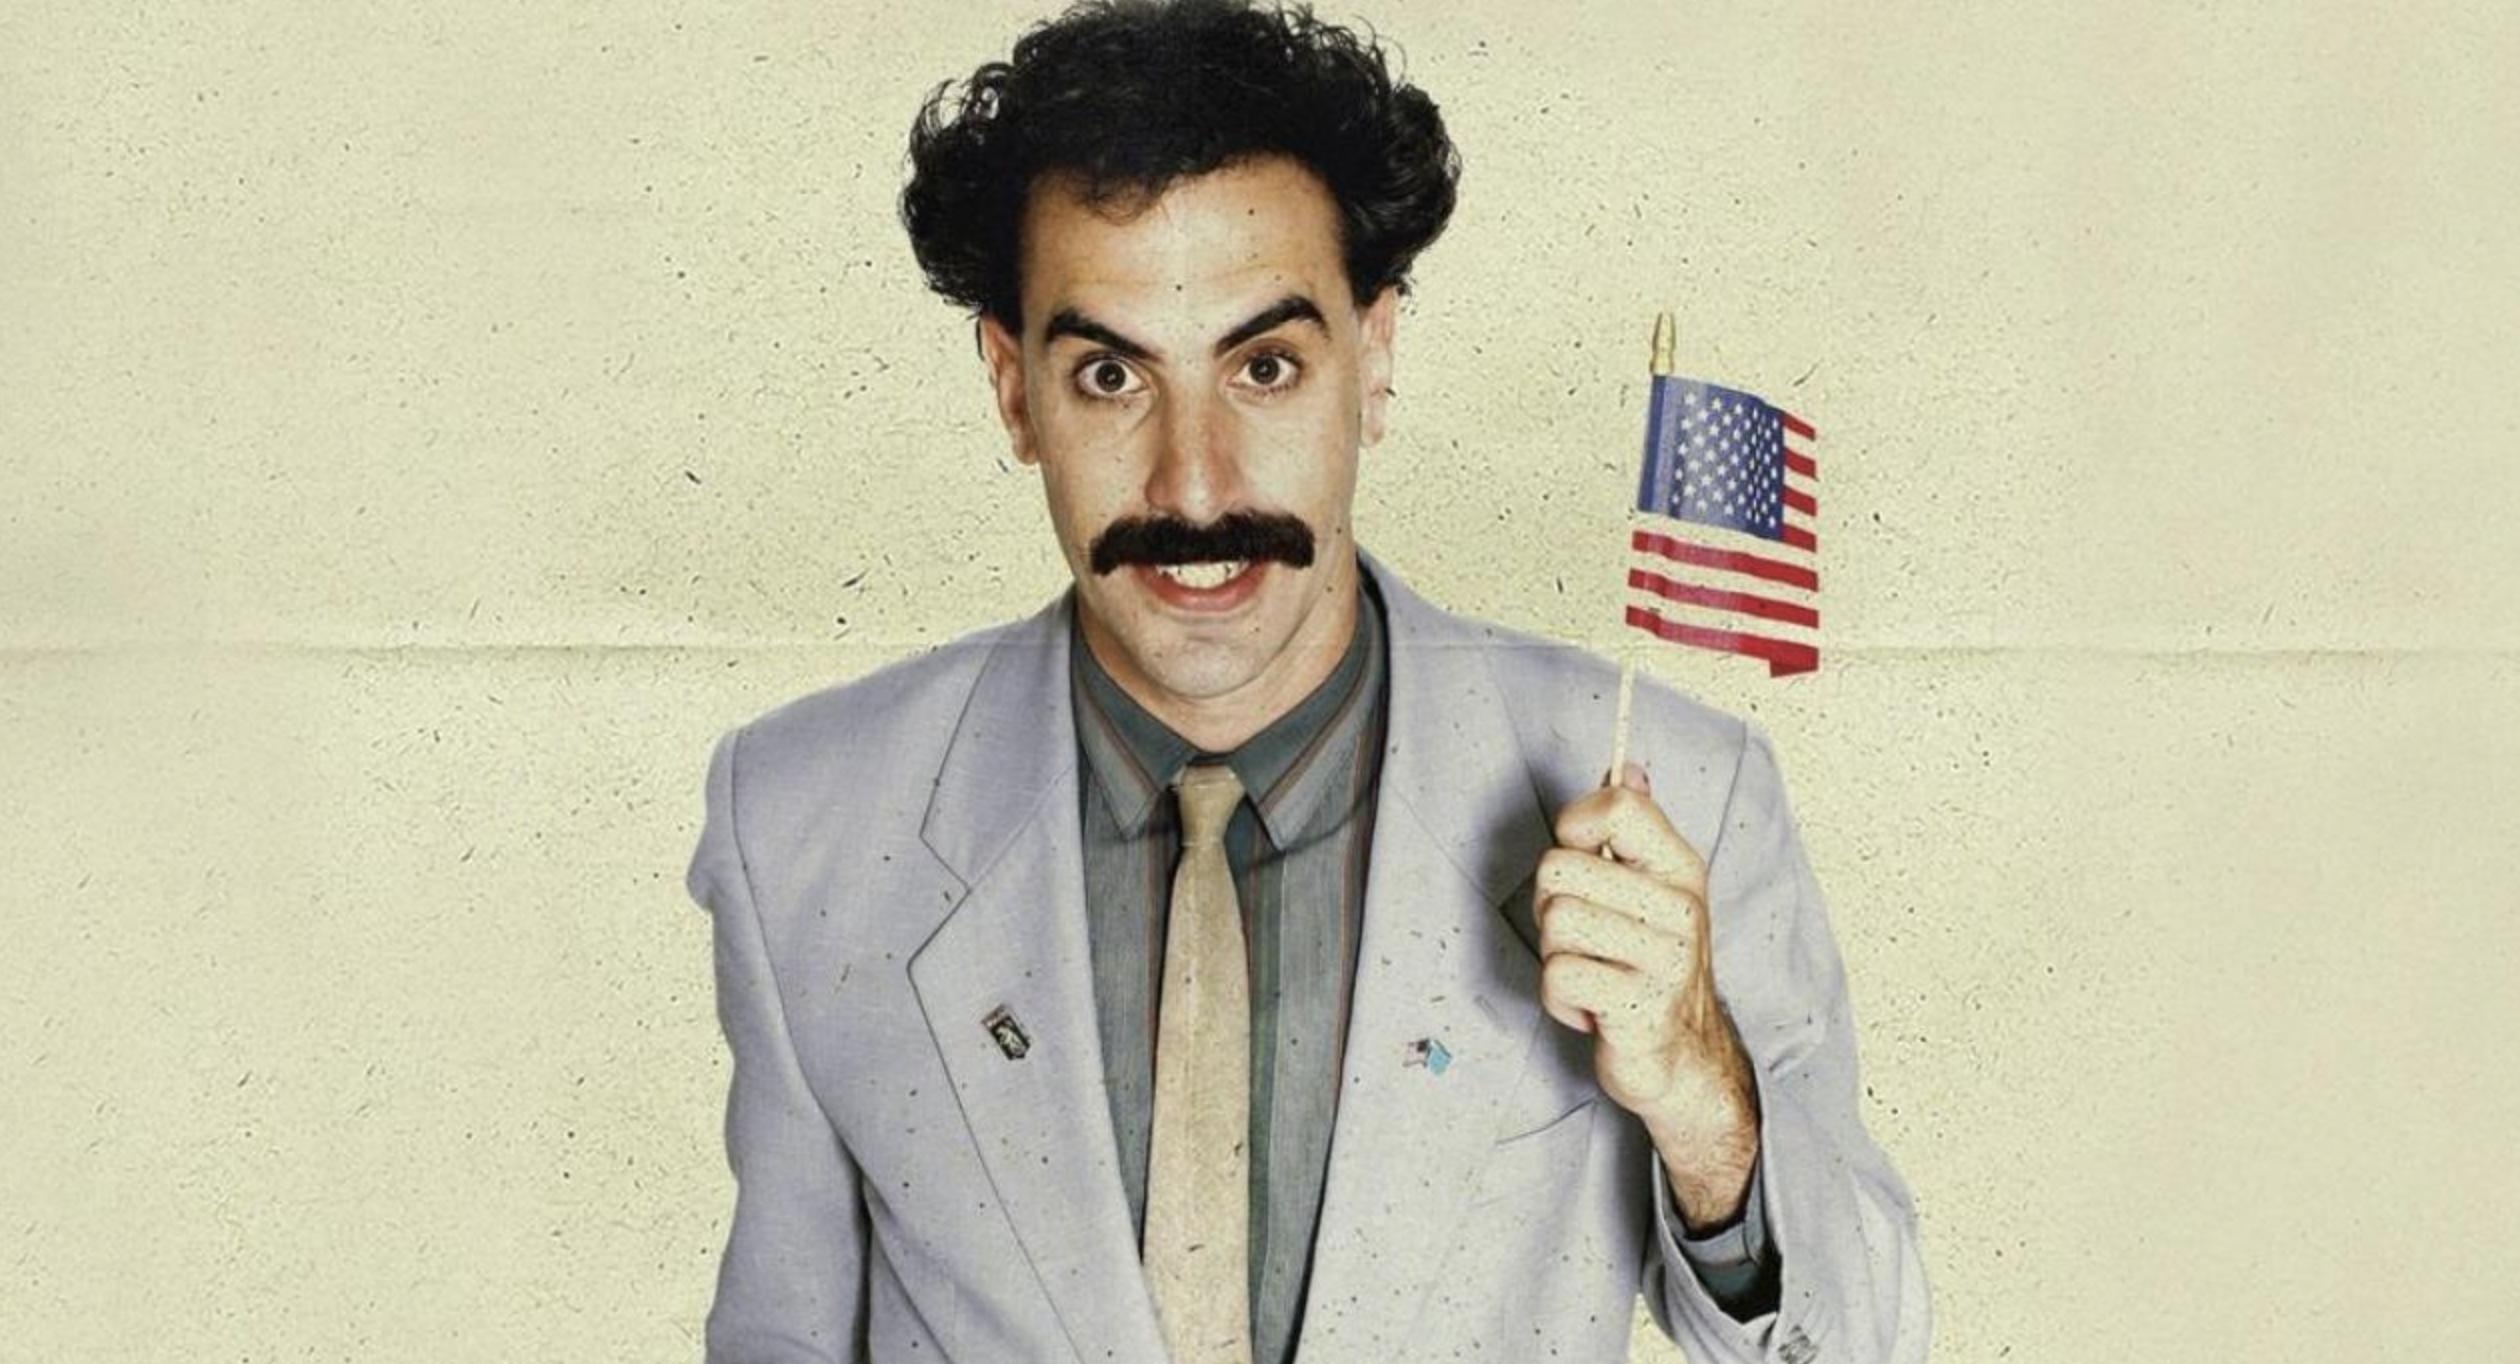 Borat 2 : la suite est confirmée, avec un titre incroyablement long - CinéSéries